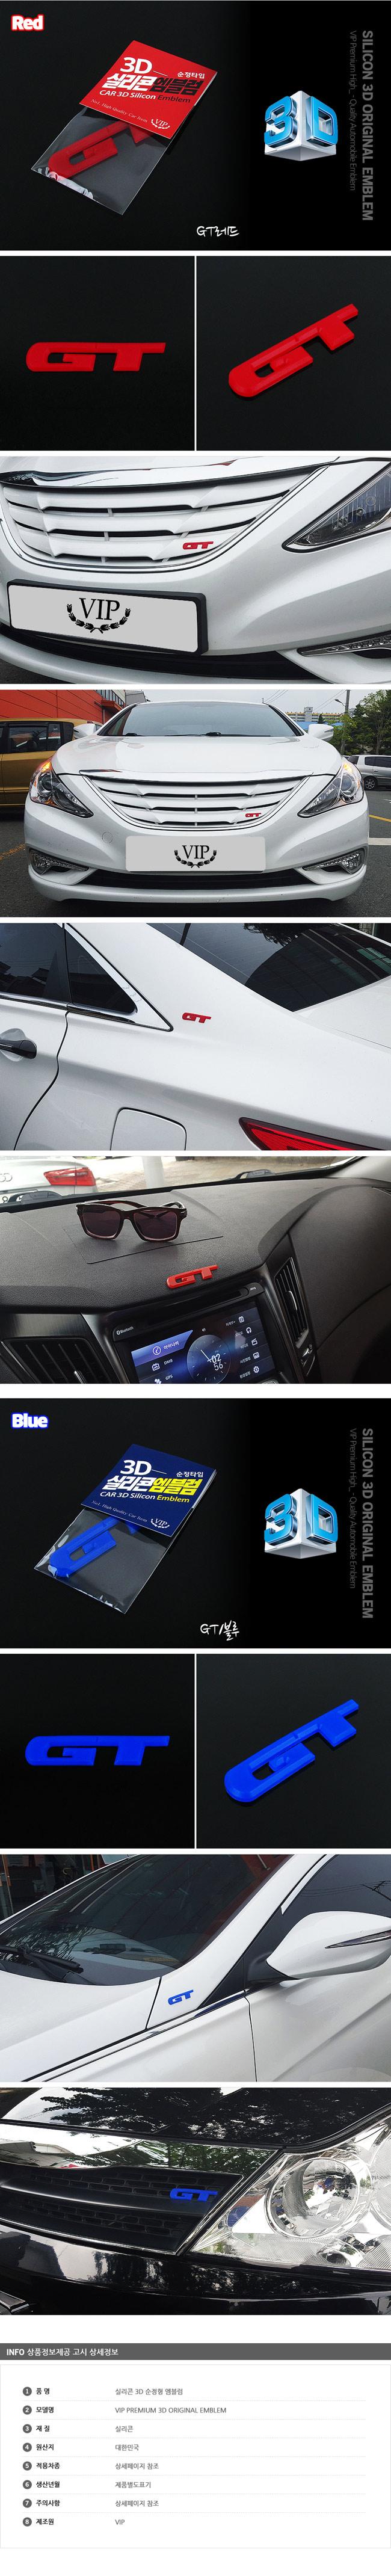 VIP 스페셜 실리콘3D 순정형 엠블렘